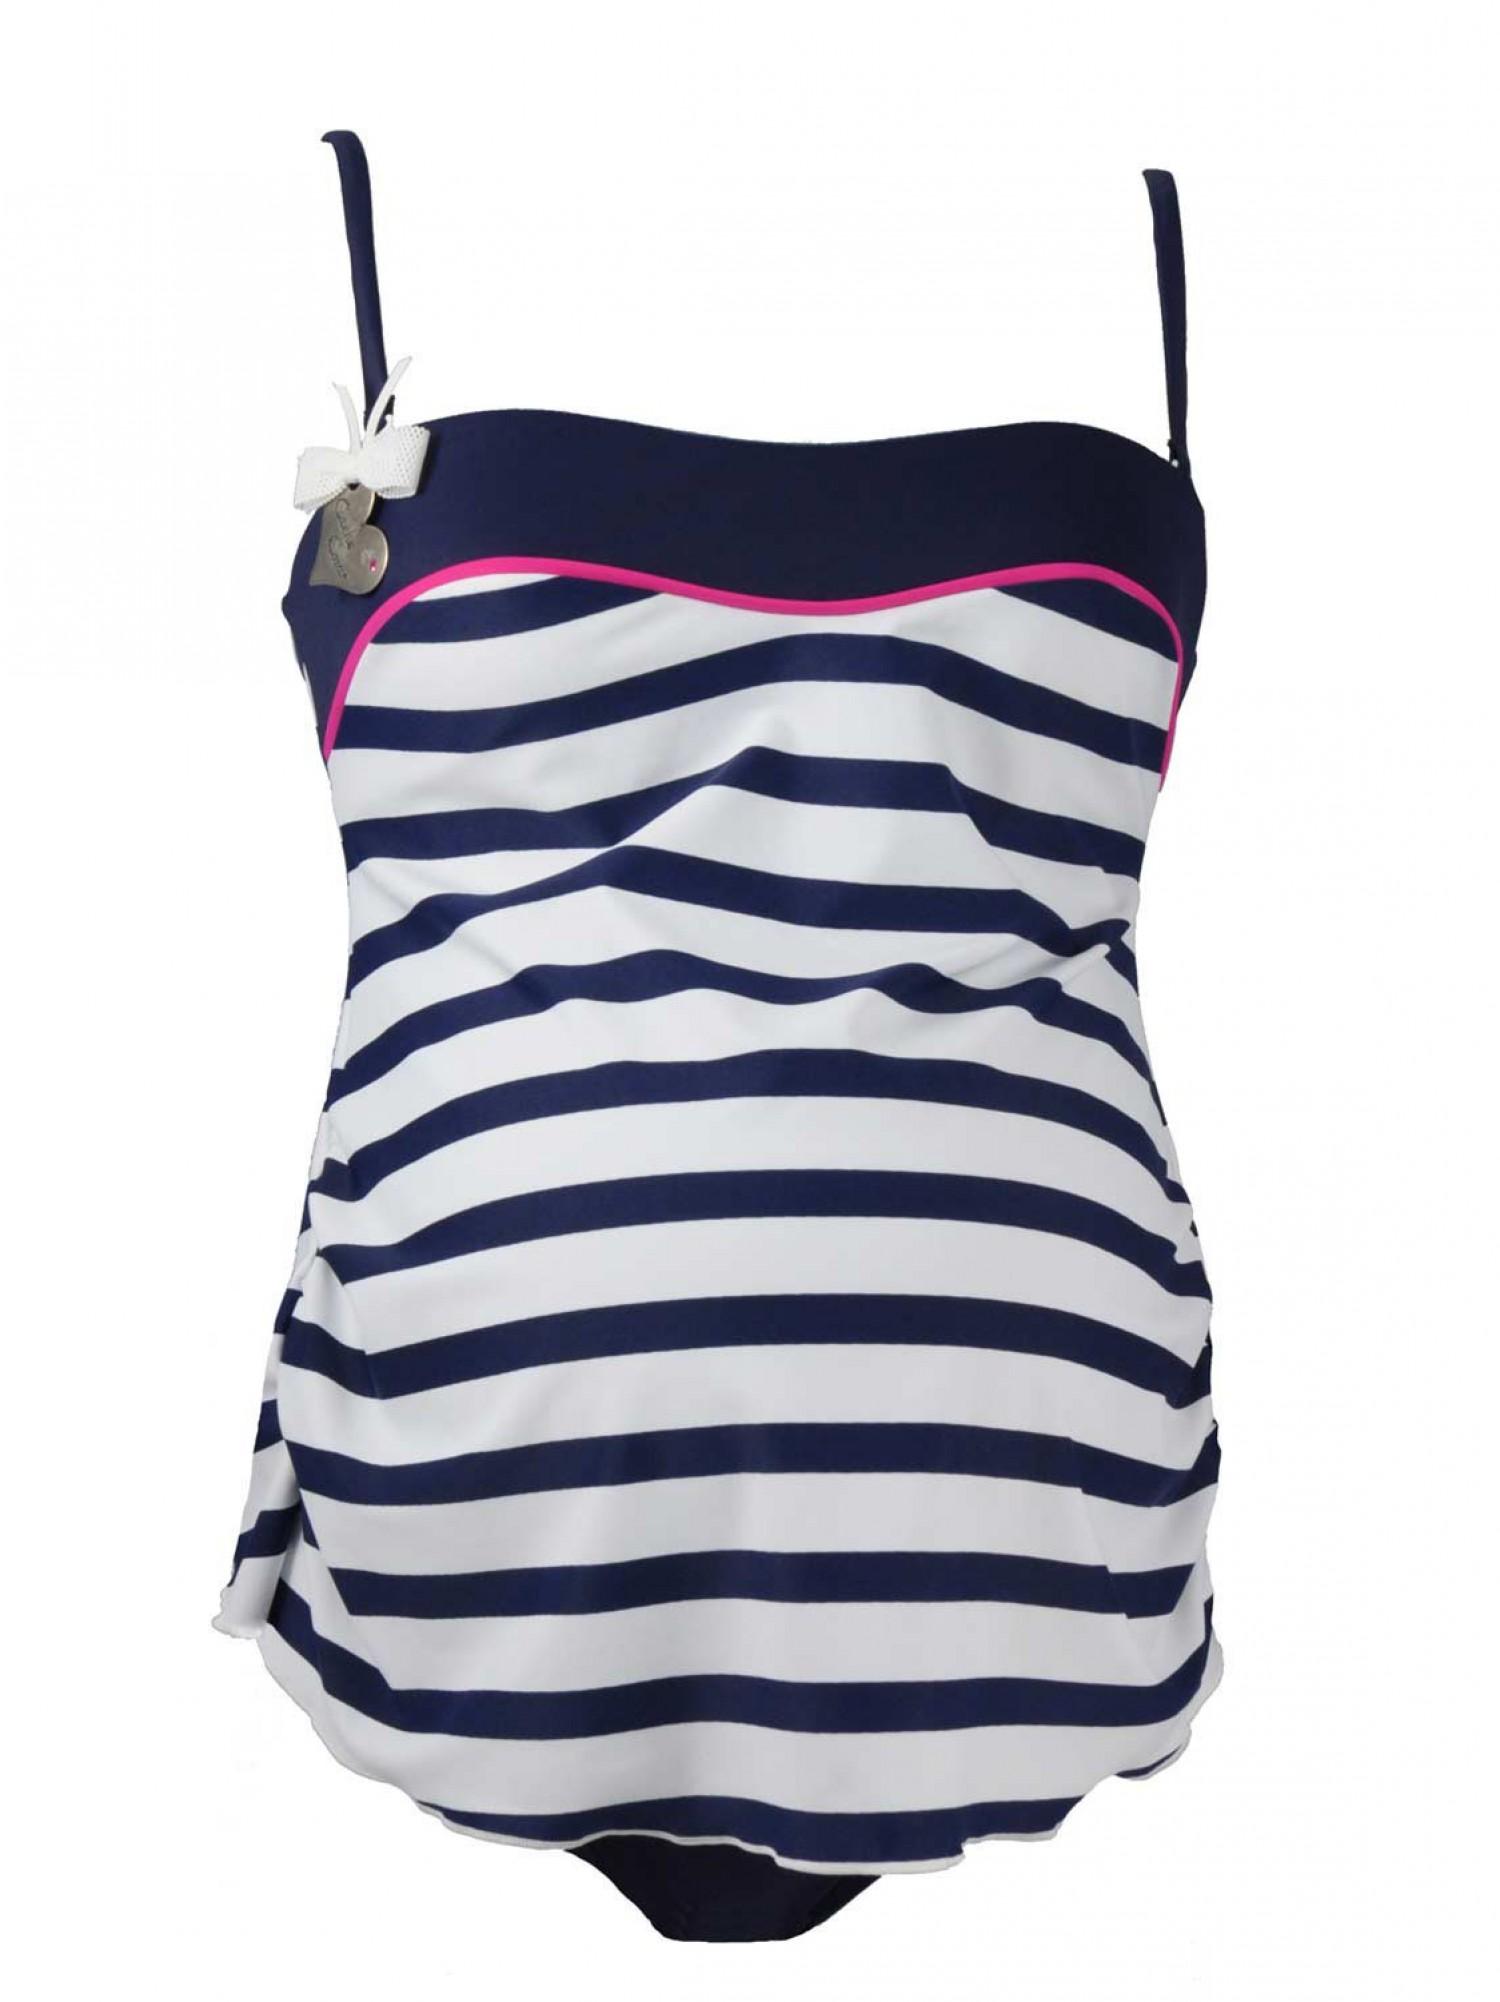 Esprit Maternity Swimsuit Maillot de Bain Une pi/èce de Maternit/é Femme